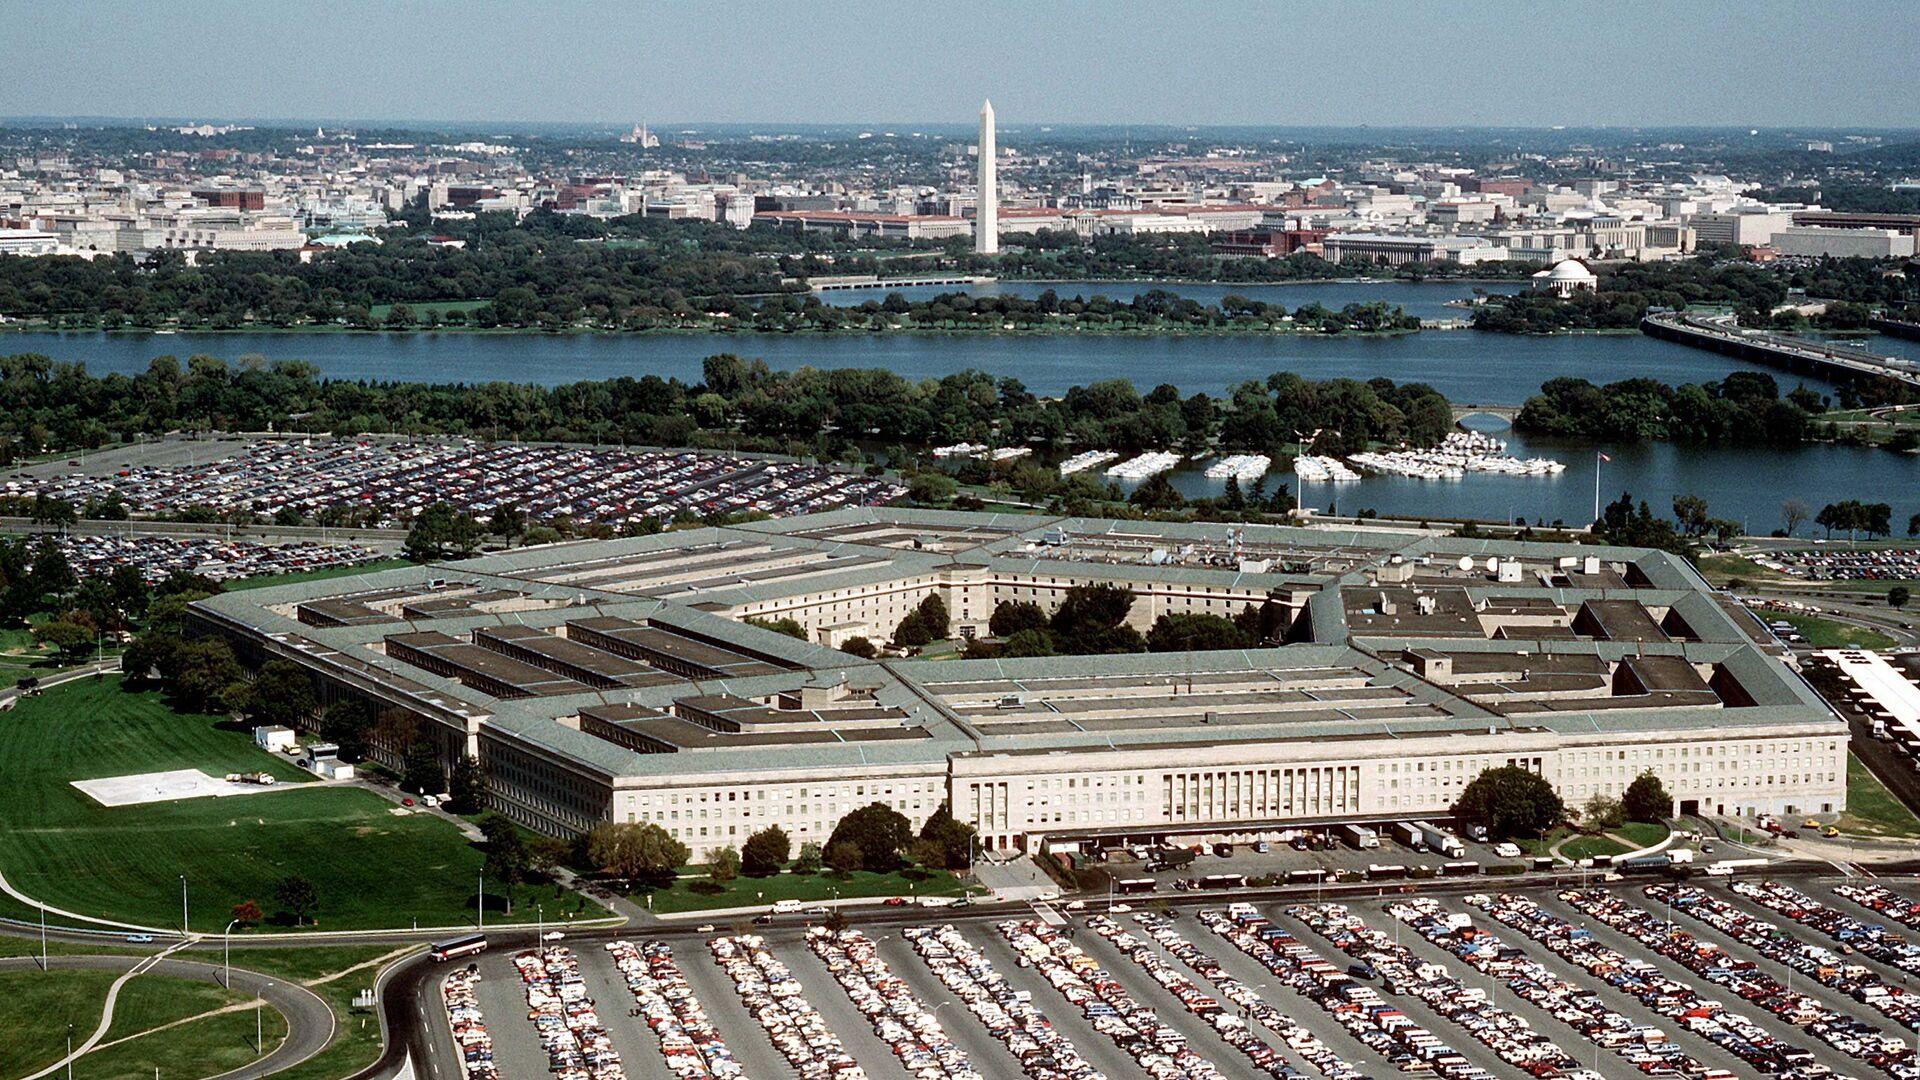 Il Pentagono, il quartier generale del Dipartimento della difesa statunitense. - Sputnik Italia, 1920, 03.08.2021